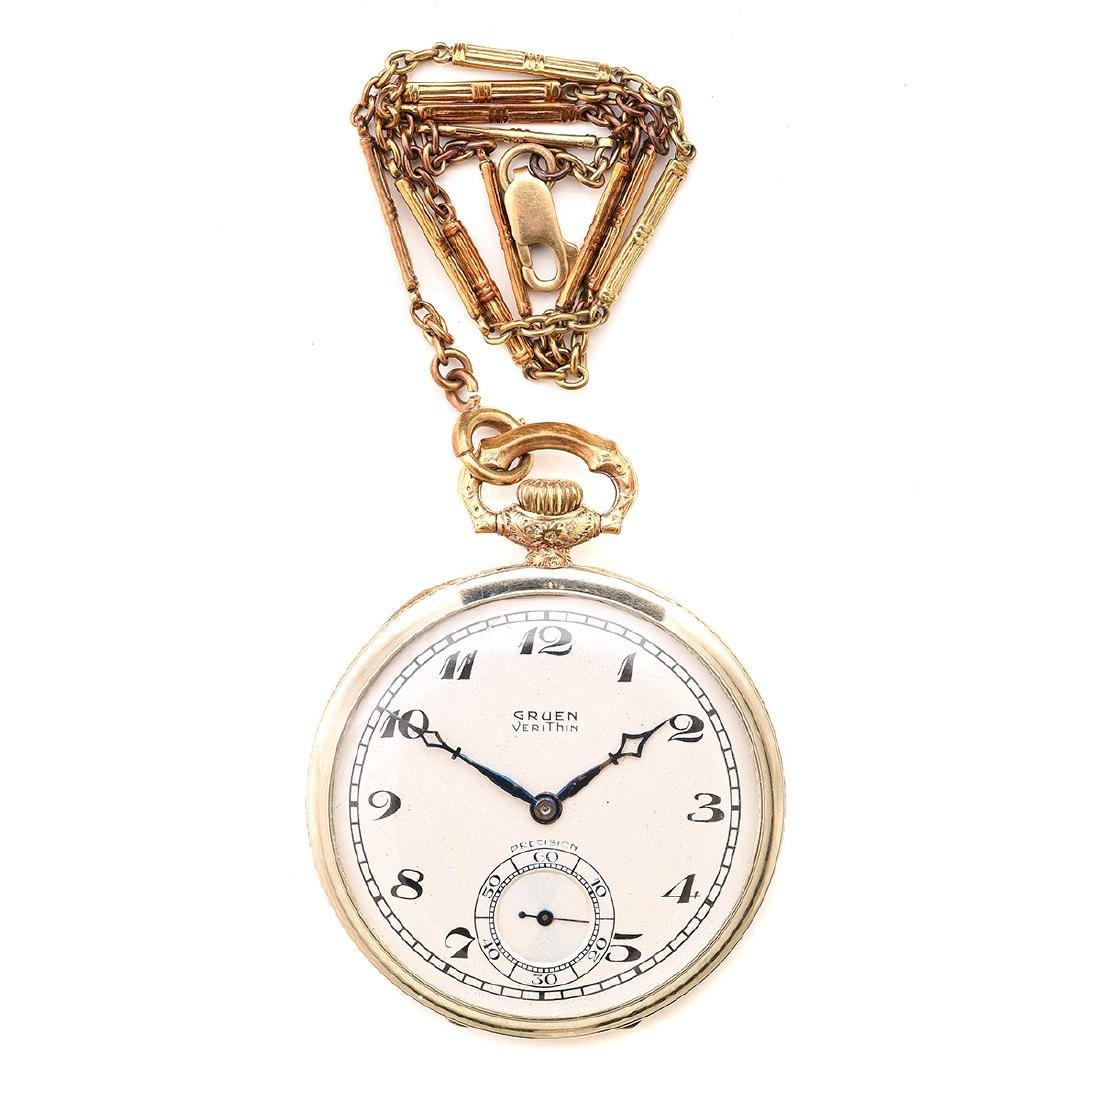 Gruen 14k Gold Pocket Watch with Chain.